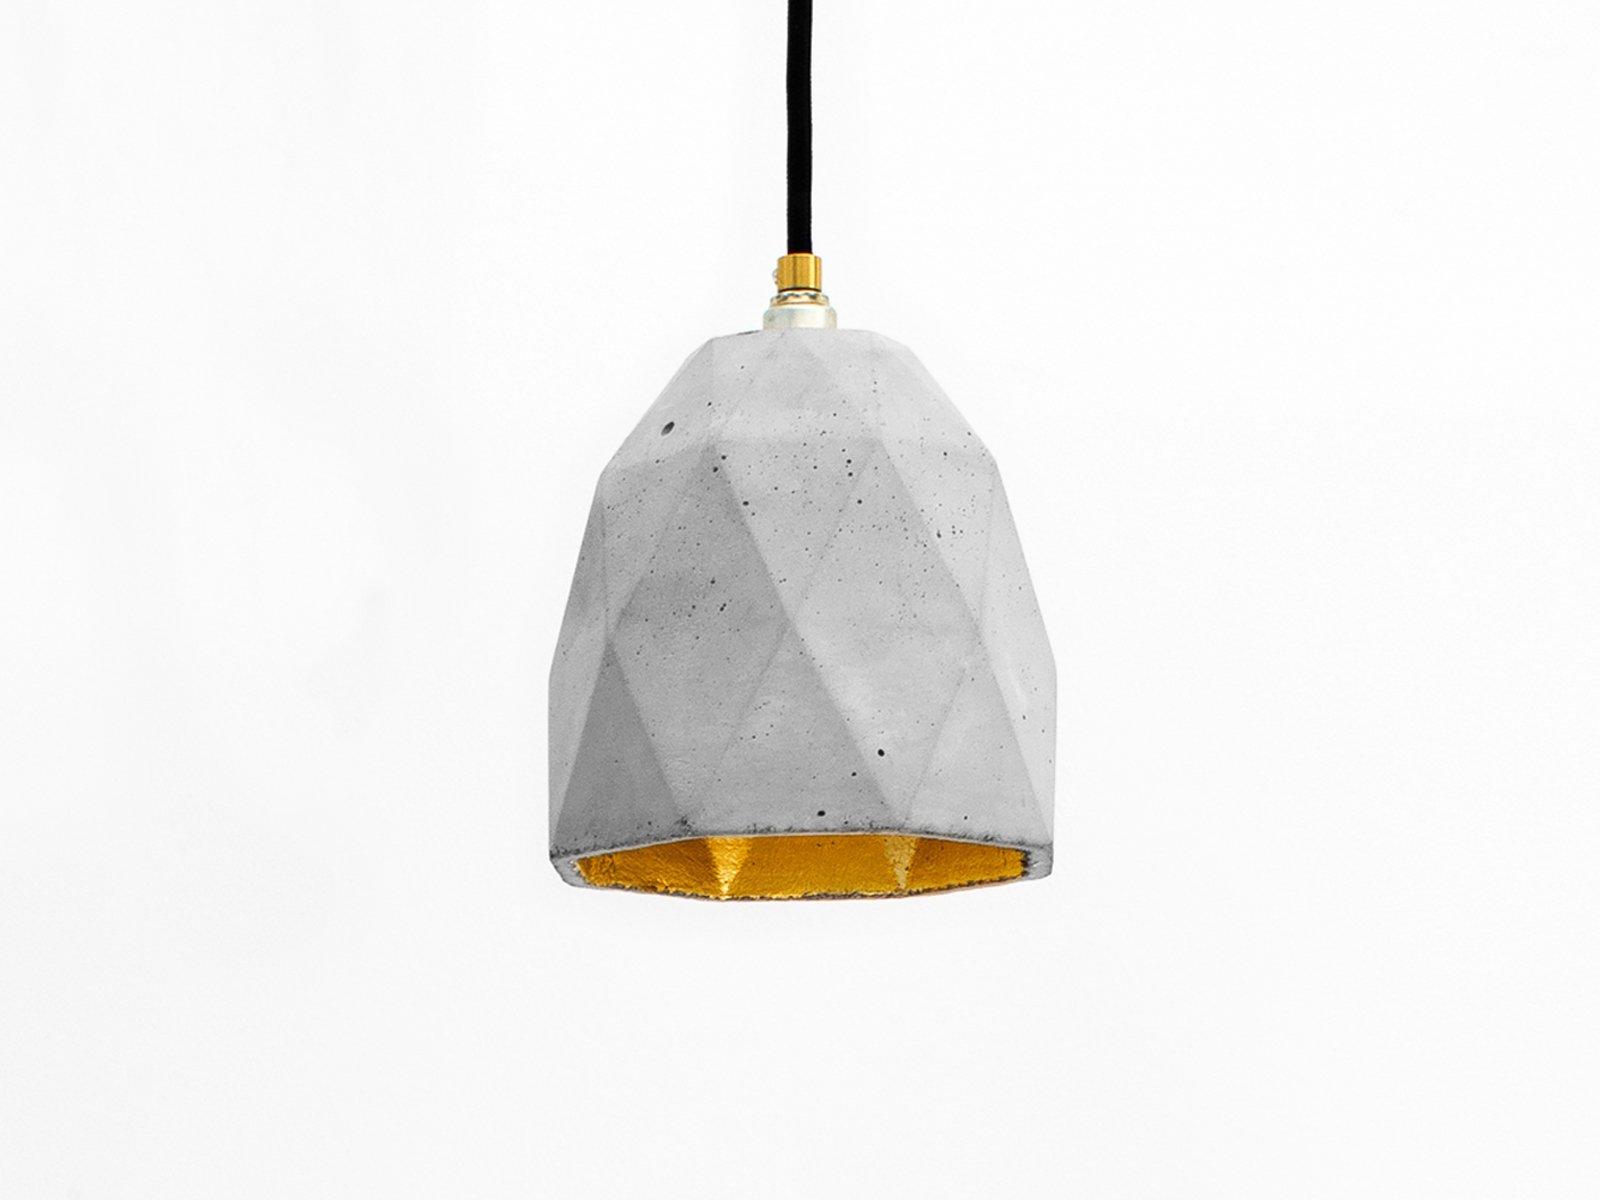 [T1] Beton Dreieck Hängelampe mit metallischem Interieur von Stefan Ga...